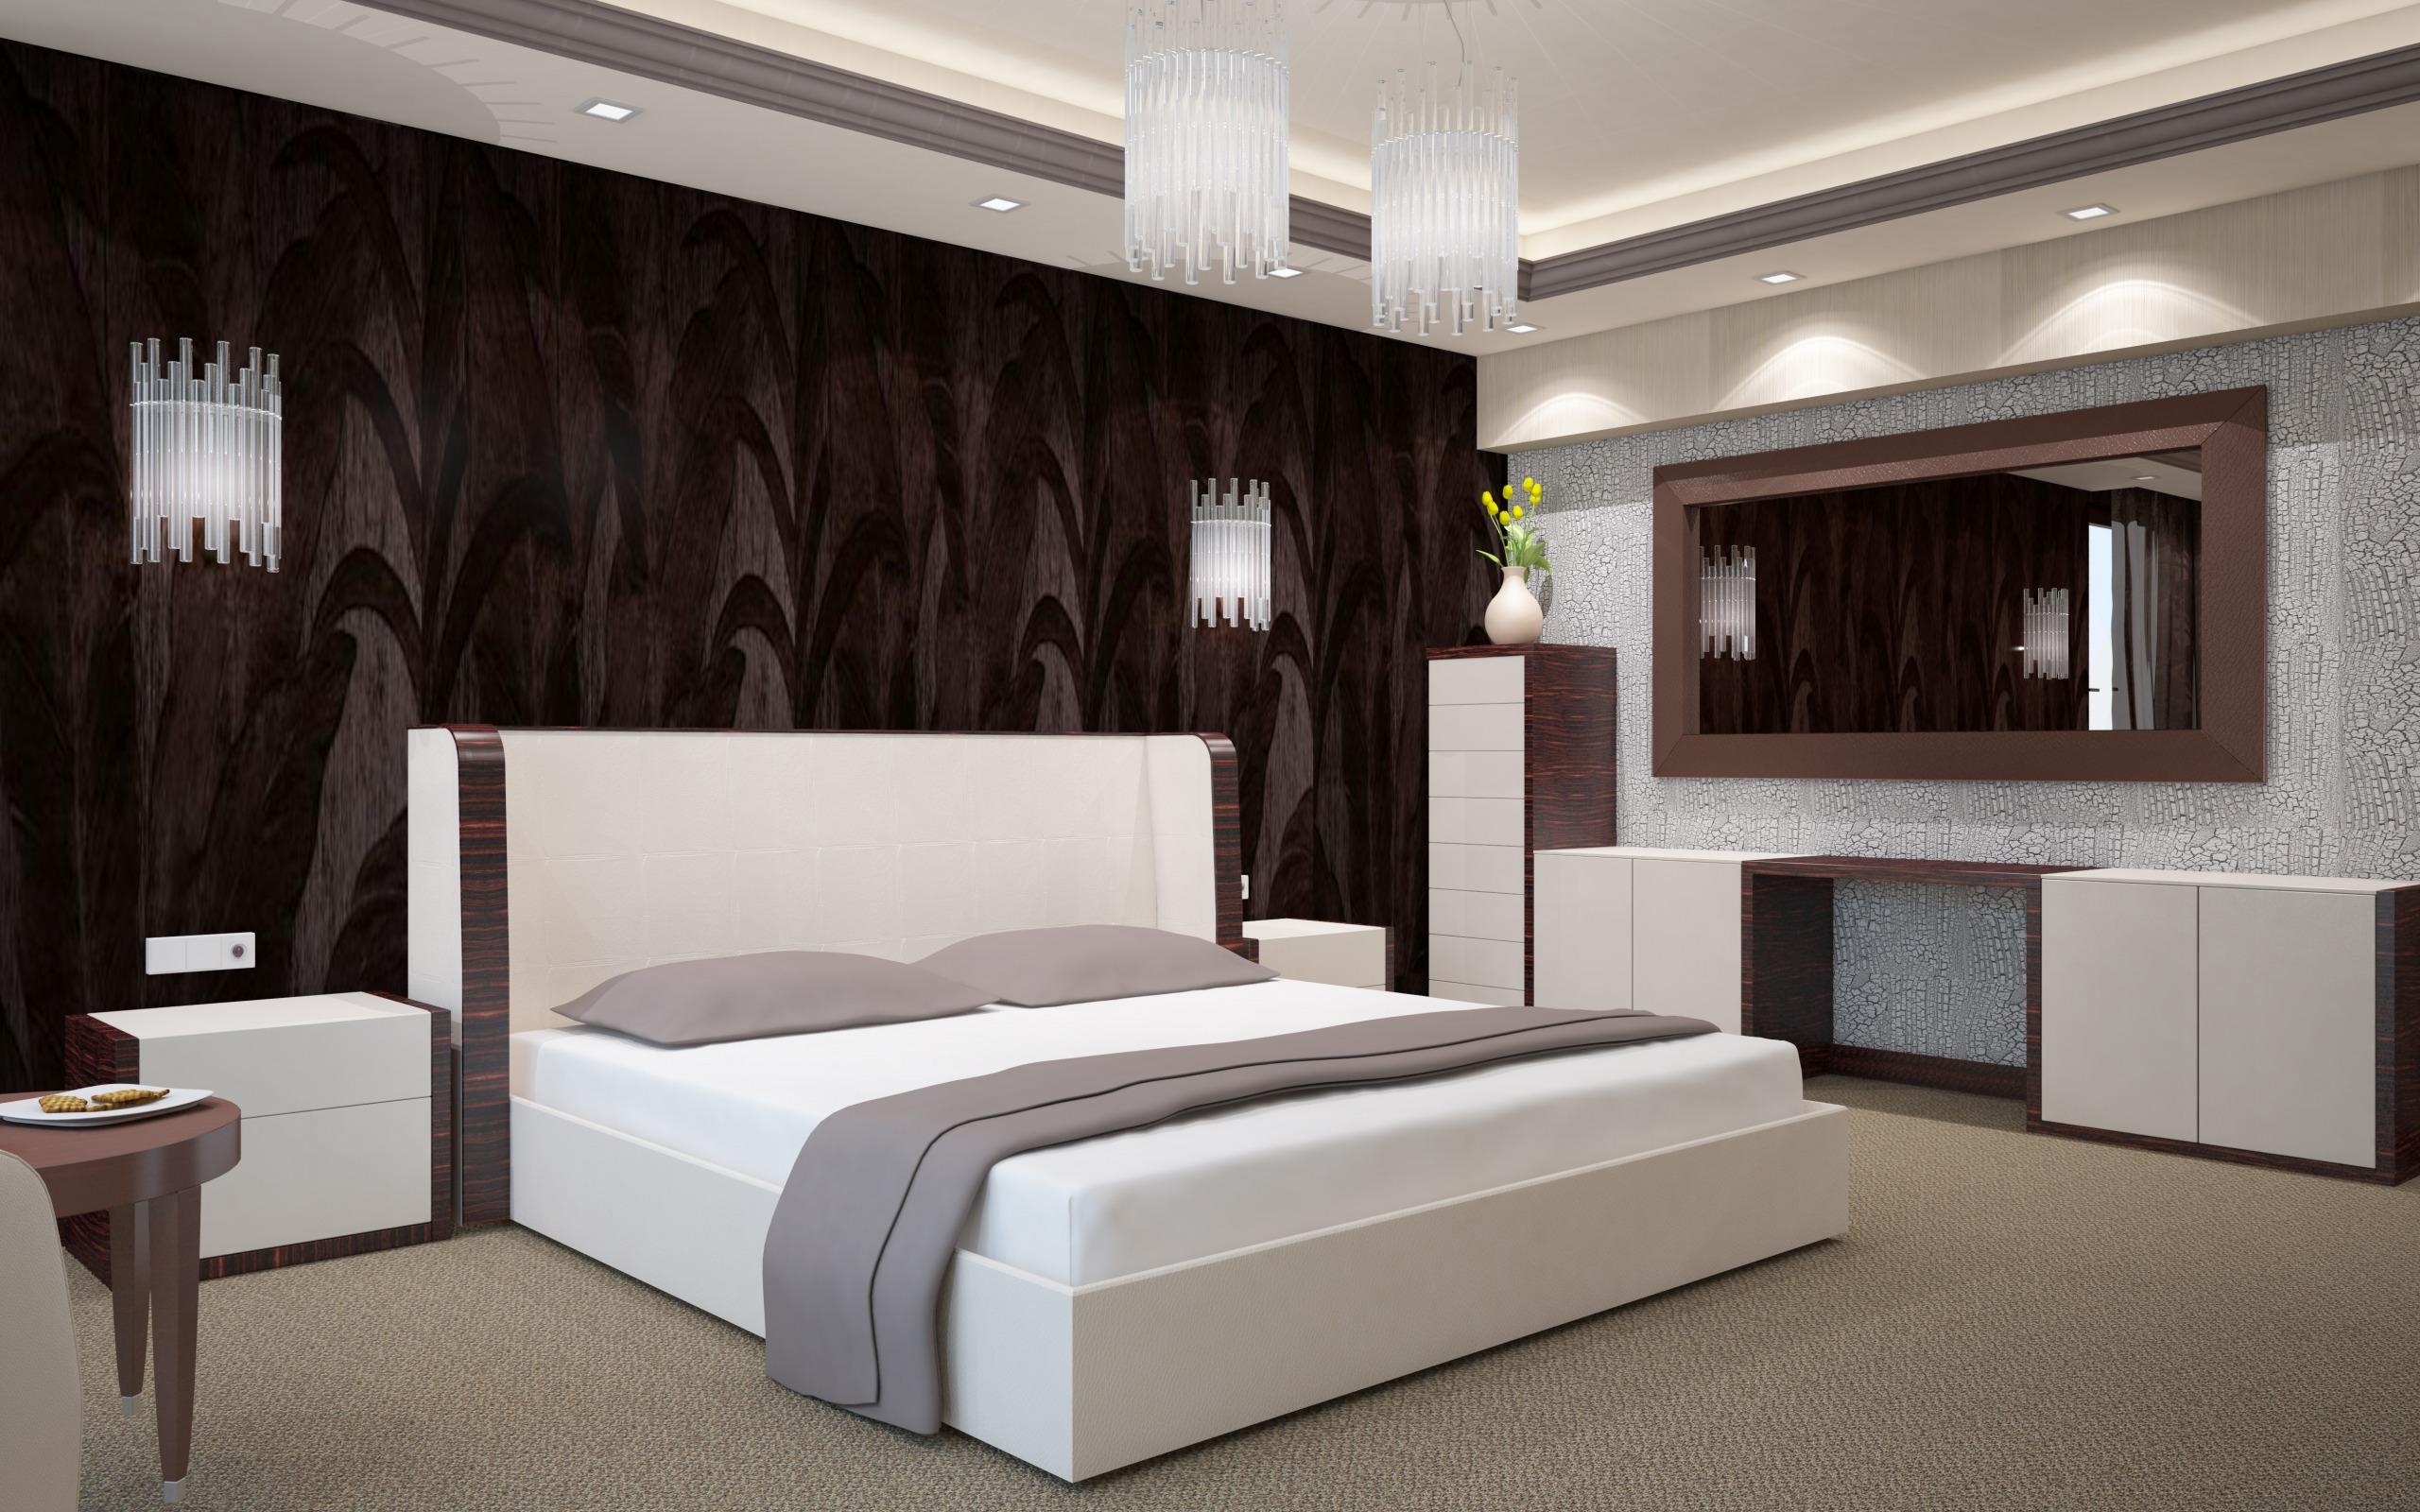 Full Size of Bett Modern Design Italienisches Puristisch Herunterladen Hintergrundbild Stilvolles Schlafzimmer Leander Boxspring Kaufen Günstig Moderne Landhausküche 2m X Bett Bett Modern Design